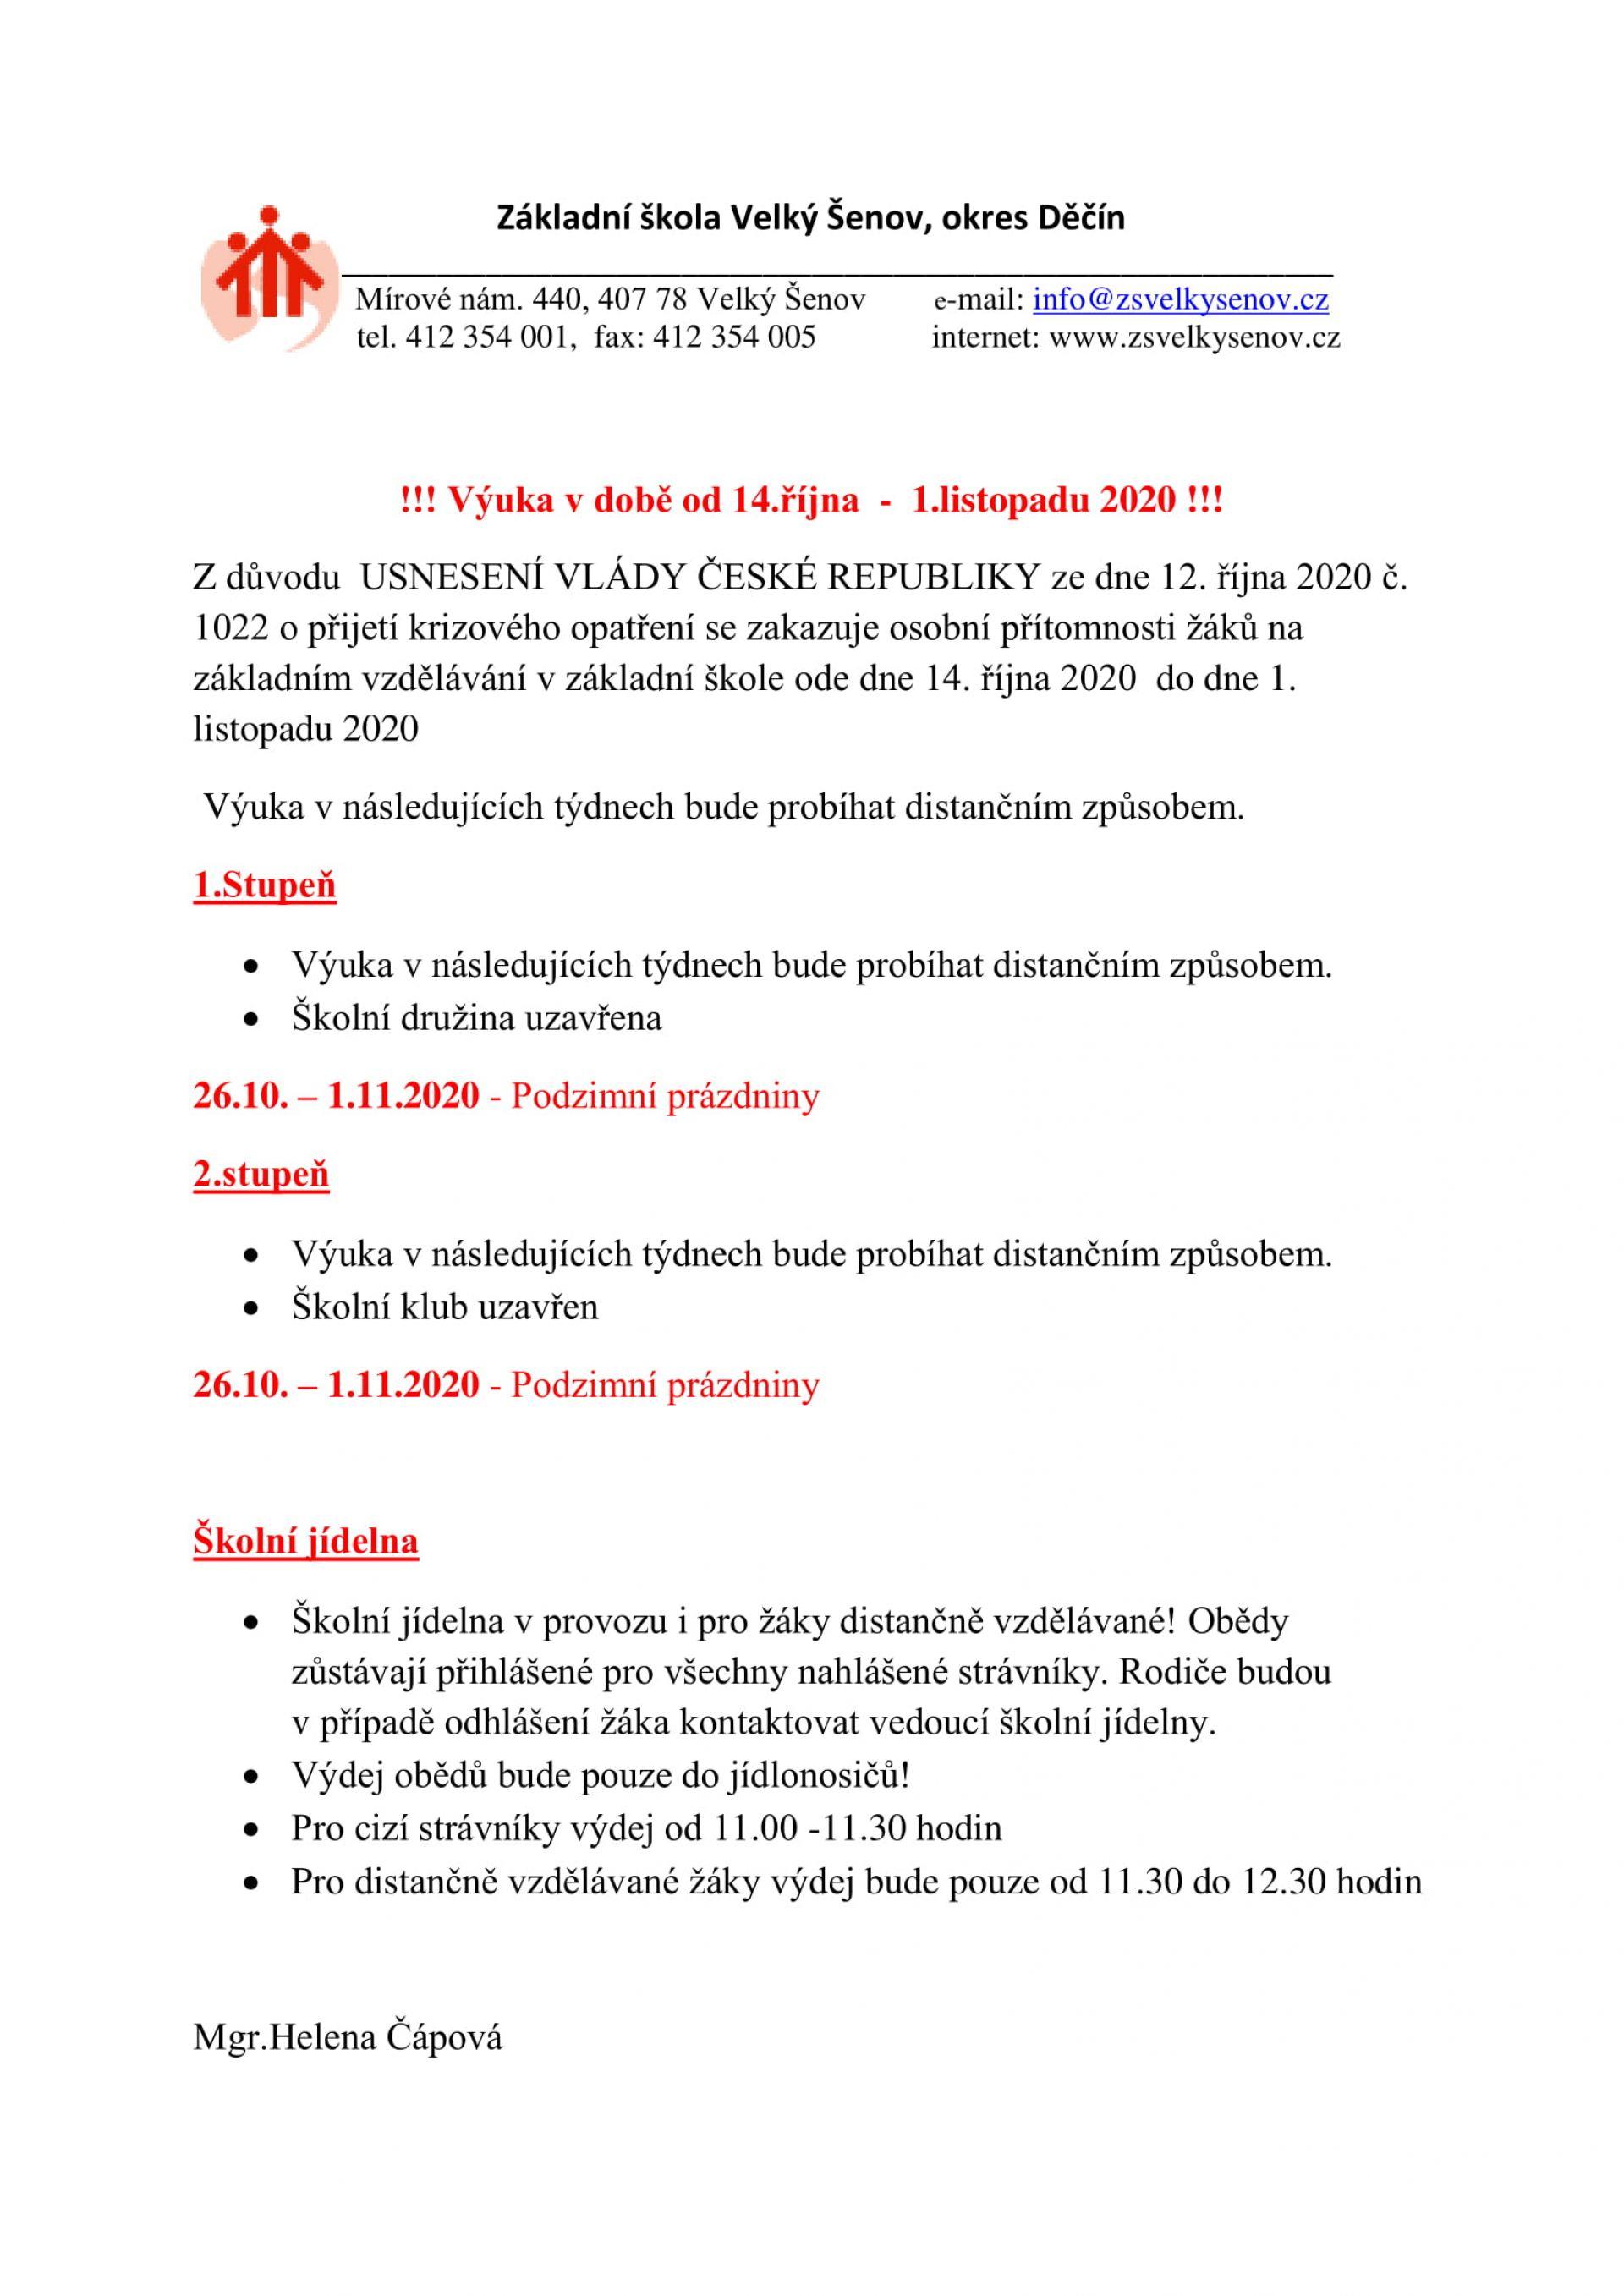 Informace k výuce od 14.10. do 1.11.2020